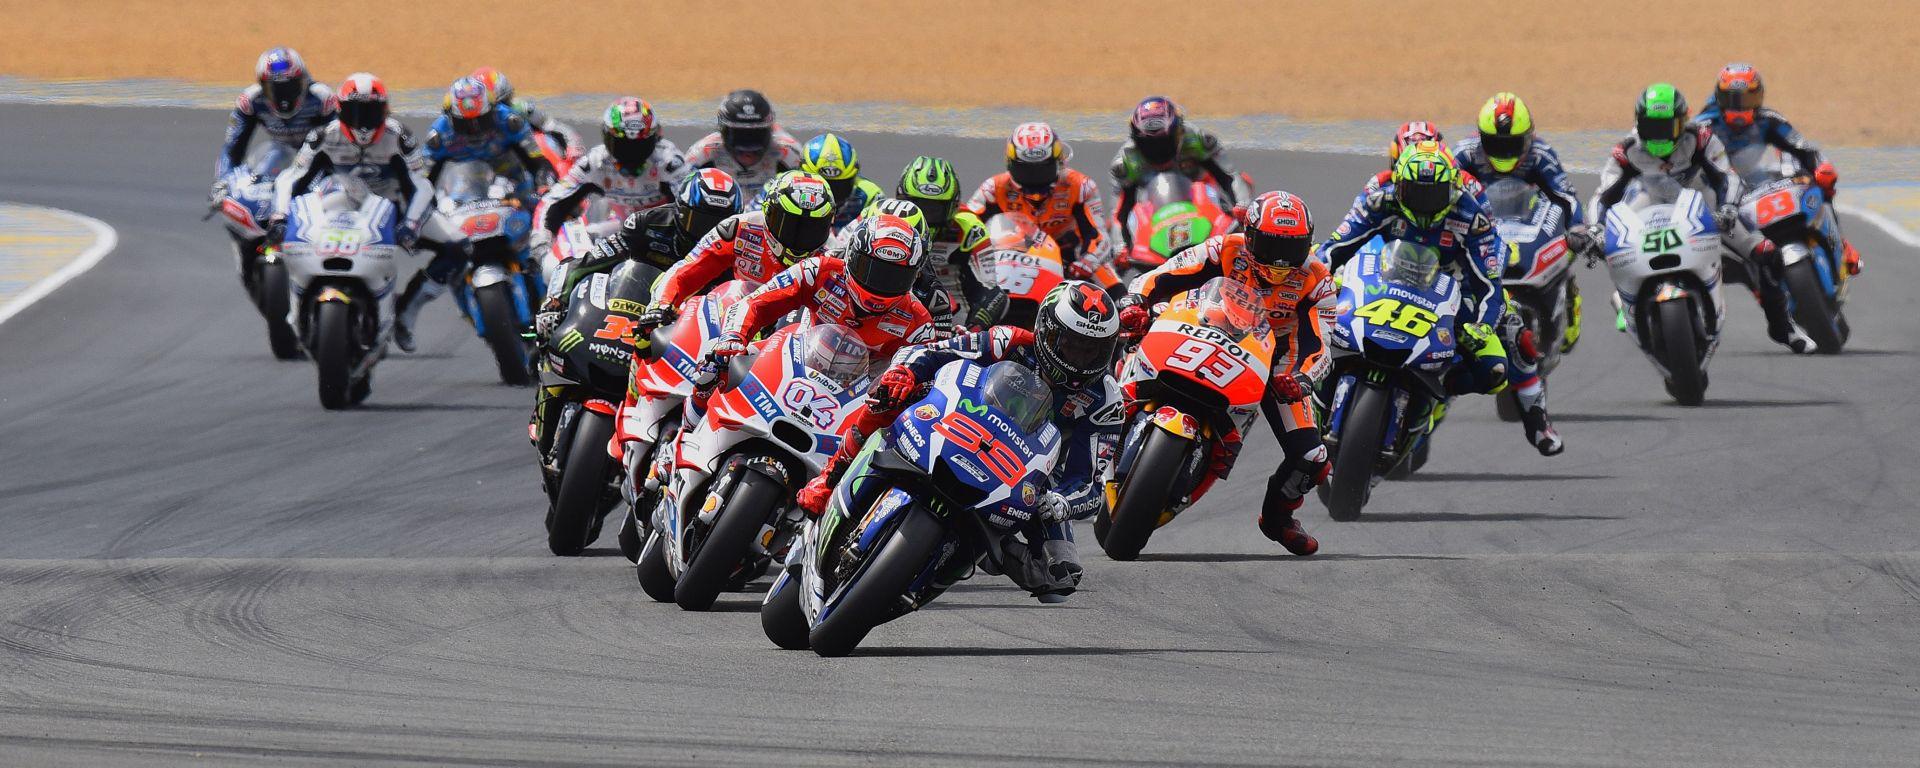 MotoGP: il punto sulle squadre ufficiali nel 2017